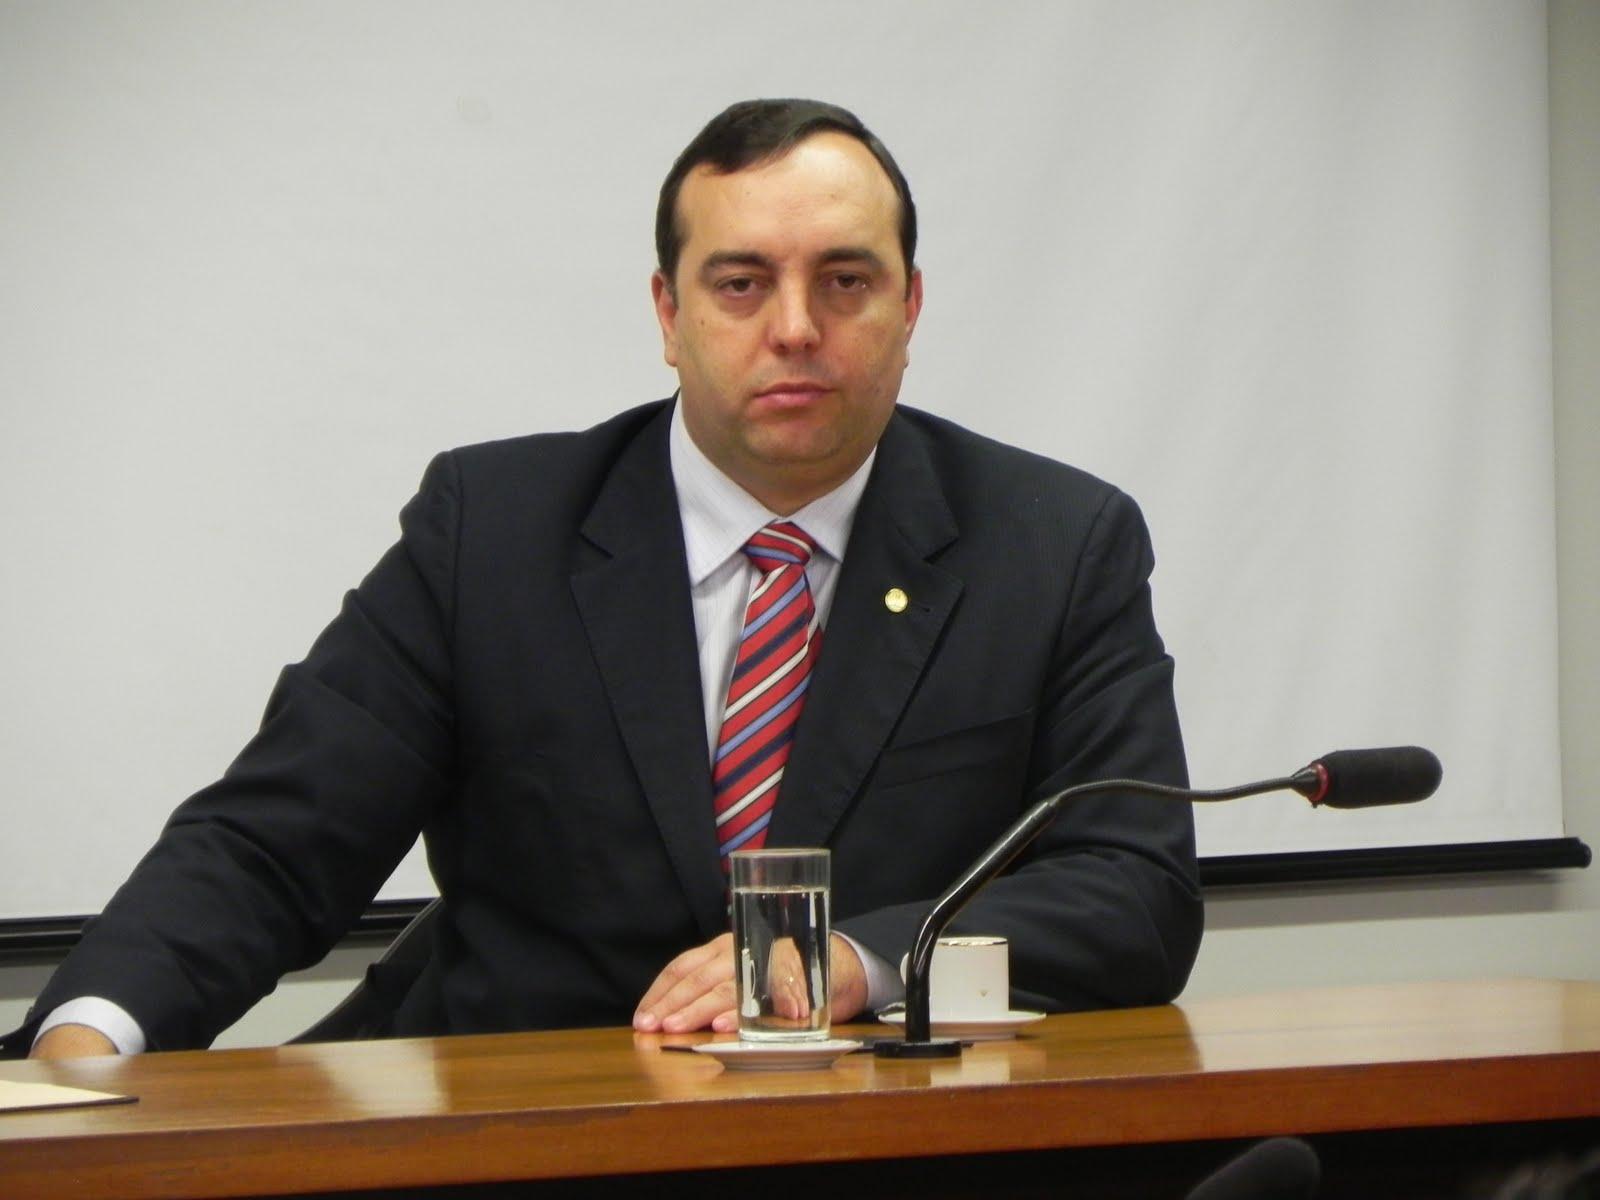 Deputado quer transformar corrupção em crime hediondo